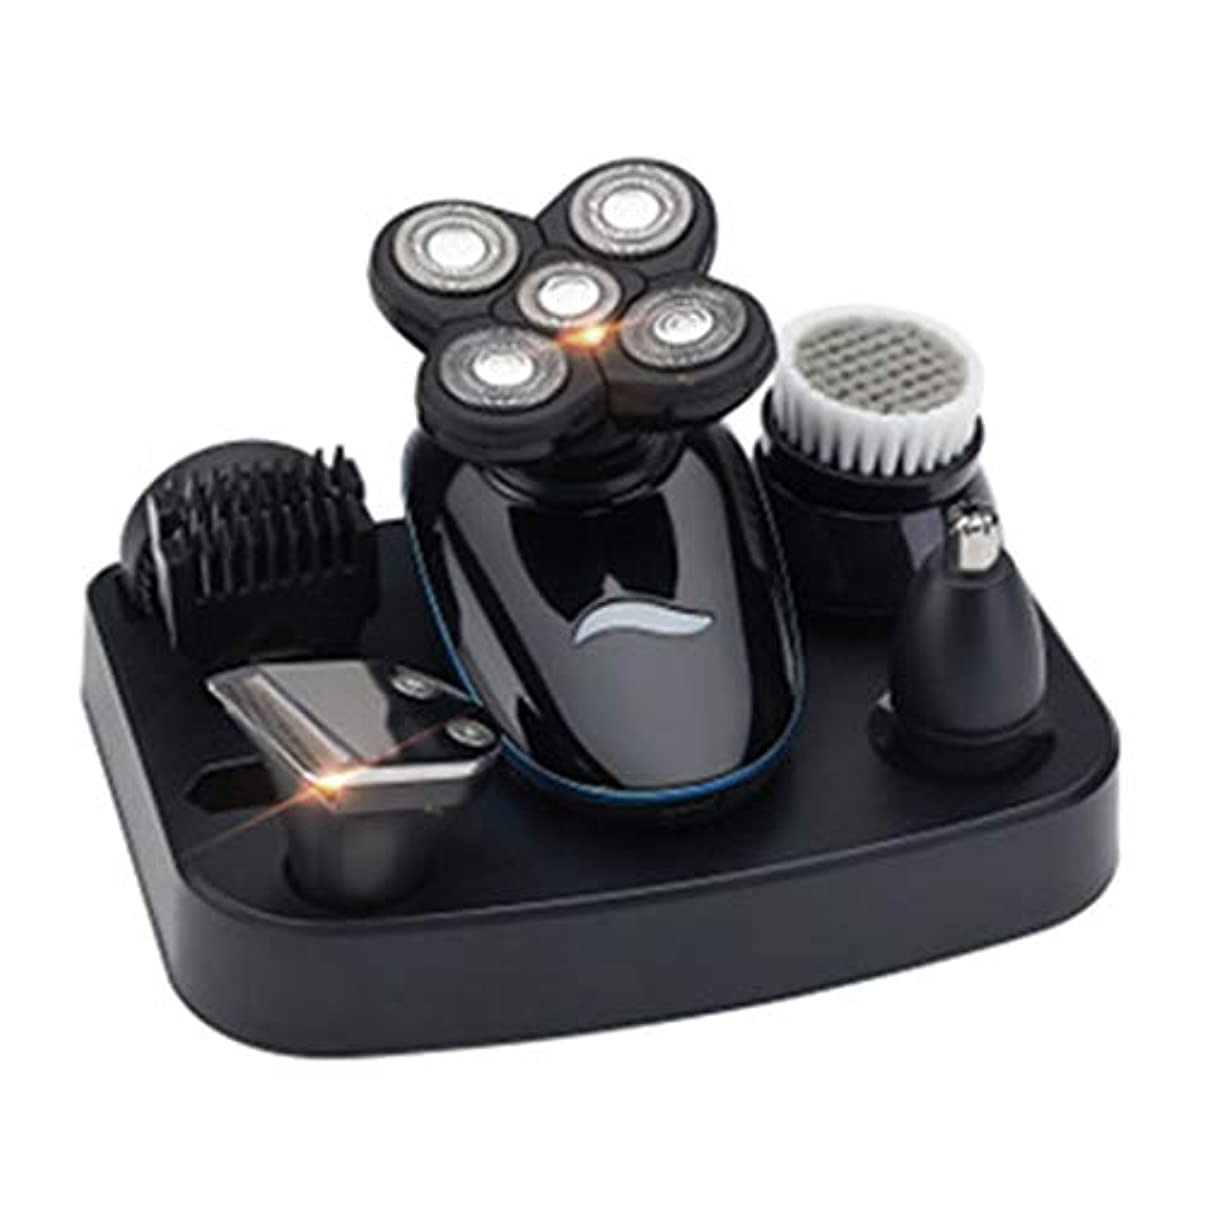 りんごそれに応じてカリキュラムひげそり 電動 メンズシェーバー,USB充電式 5 in 1 髭剃り 電気シェーバー IPX7防水 多機能 お風呂剃りドライ両用 電気シェーバー 旅行用·家庭用